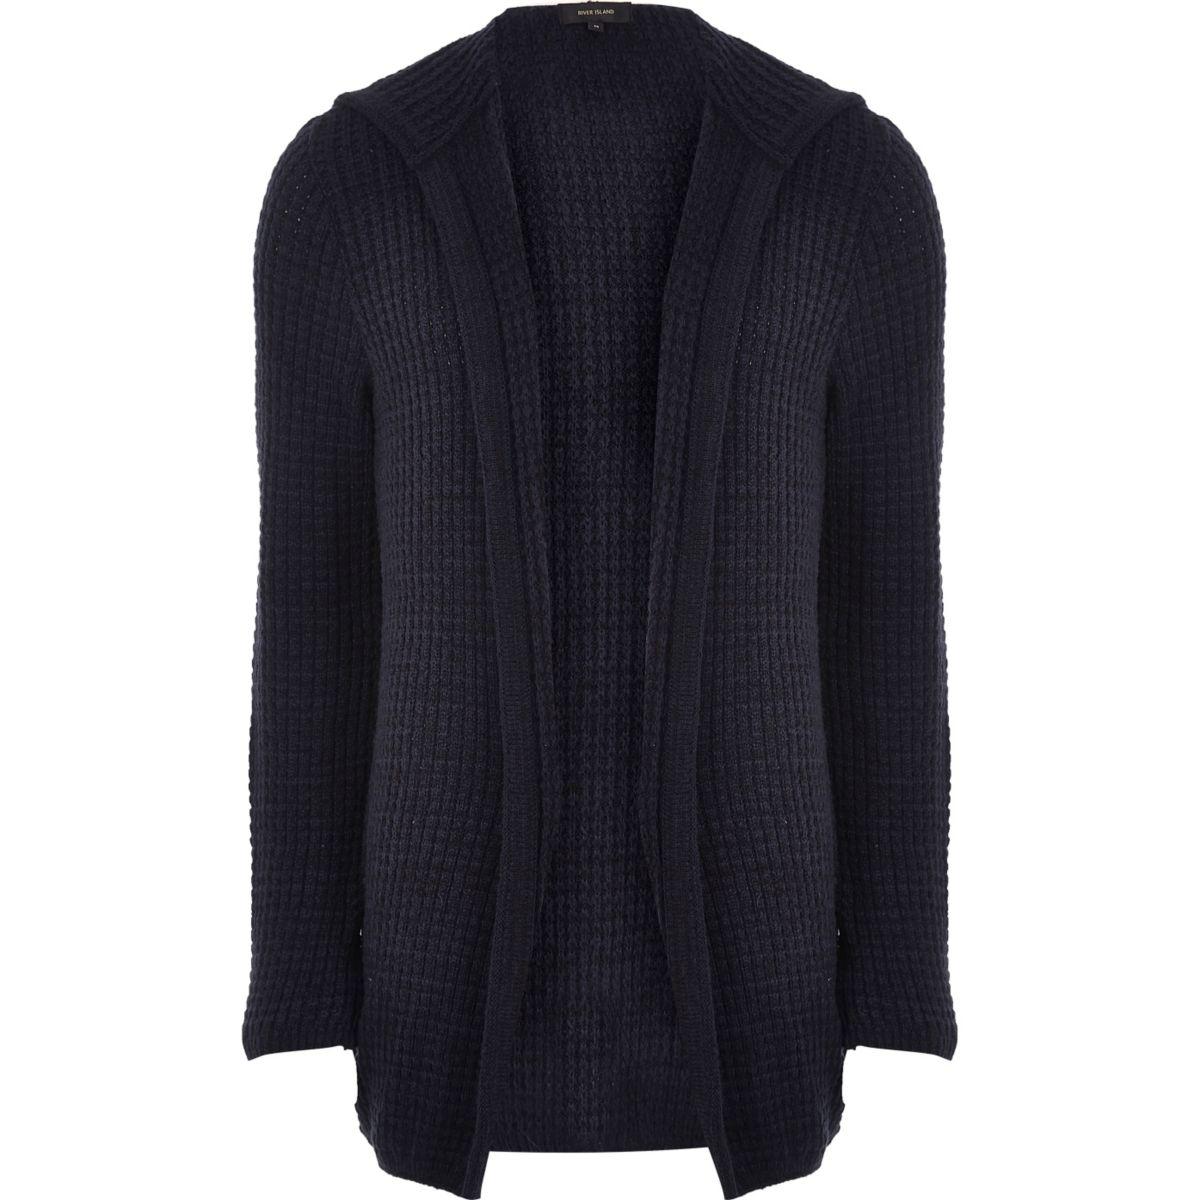 Blue knit open hooded longline cardigan